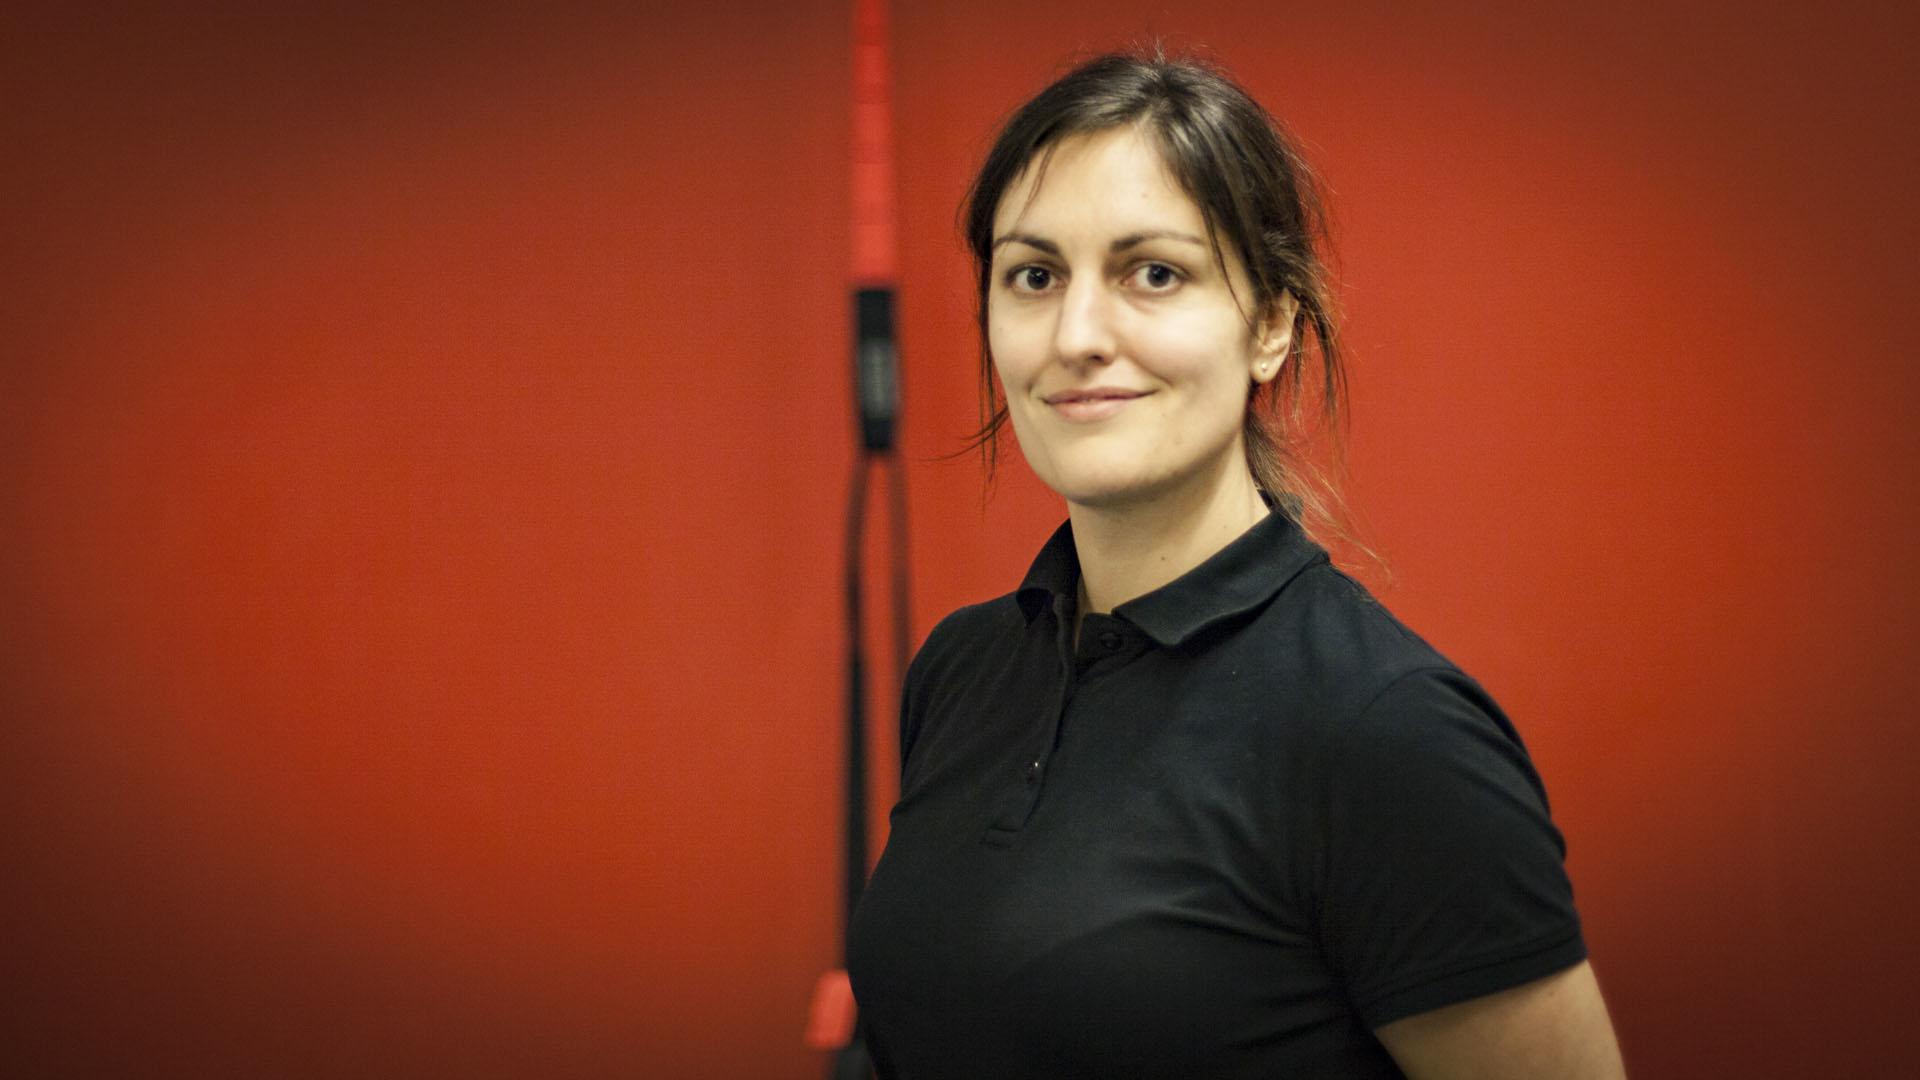 Porträtt av kvinnlig anställd med röd bakgrund